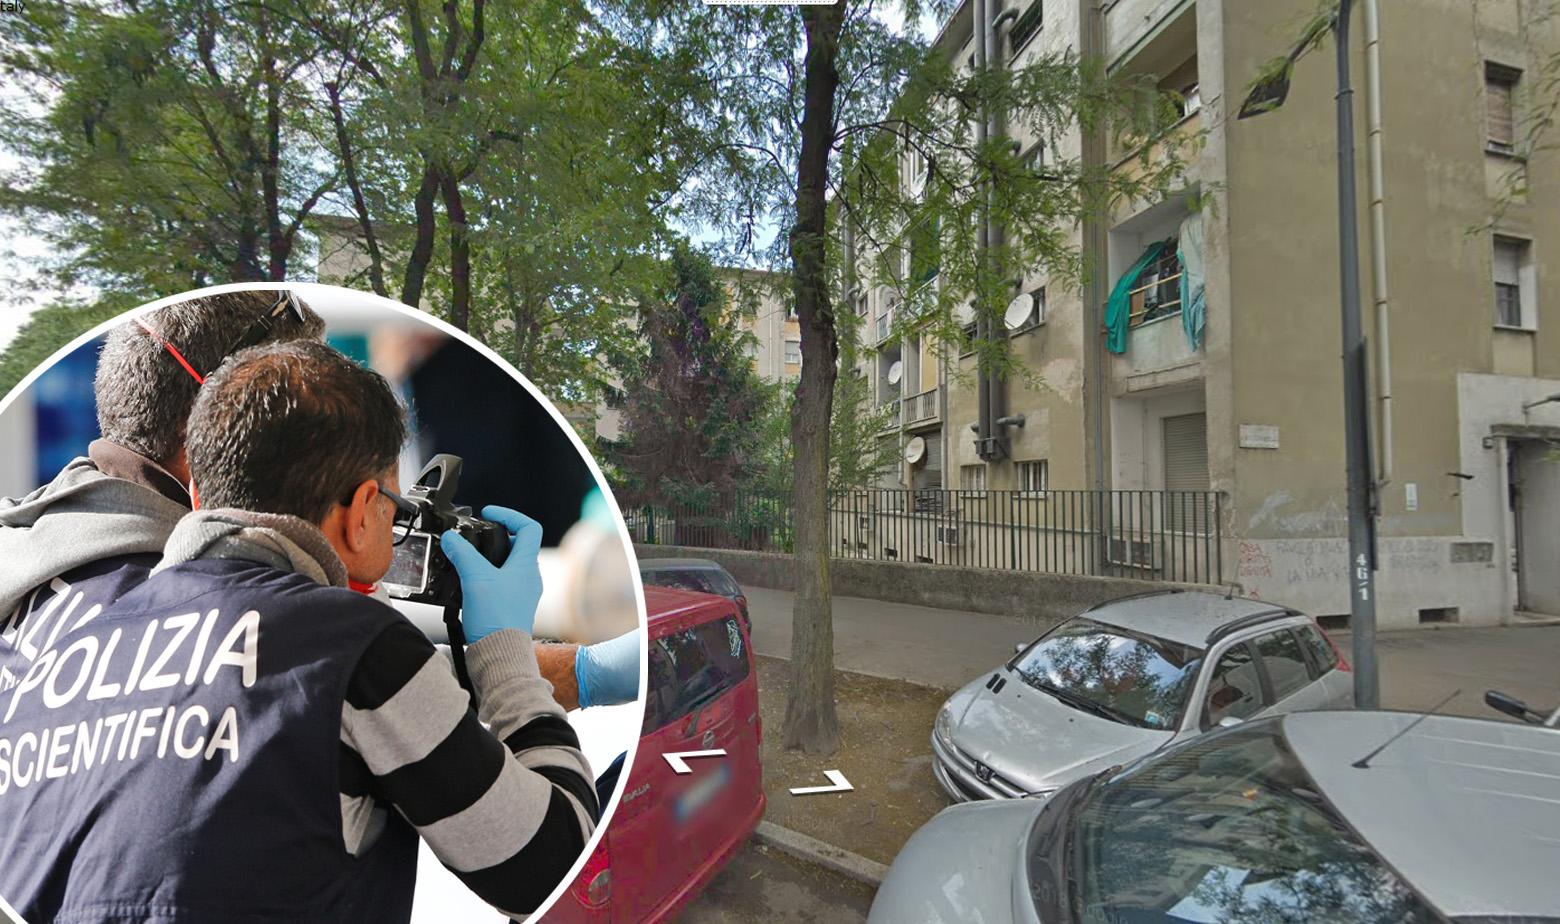 Adresa Ricciarelli 22 u Milanu i ilustracija policije